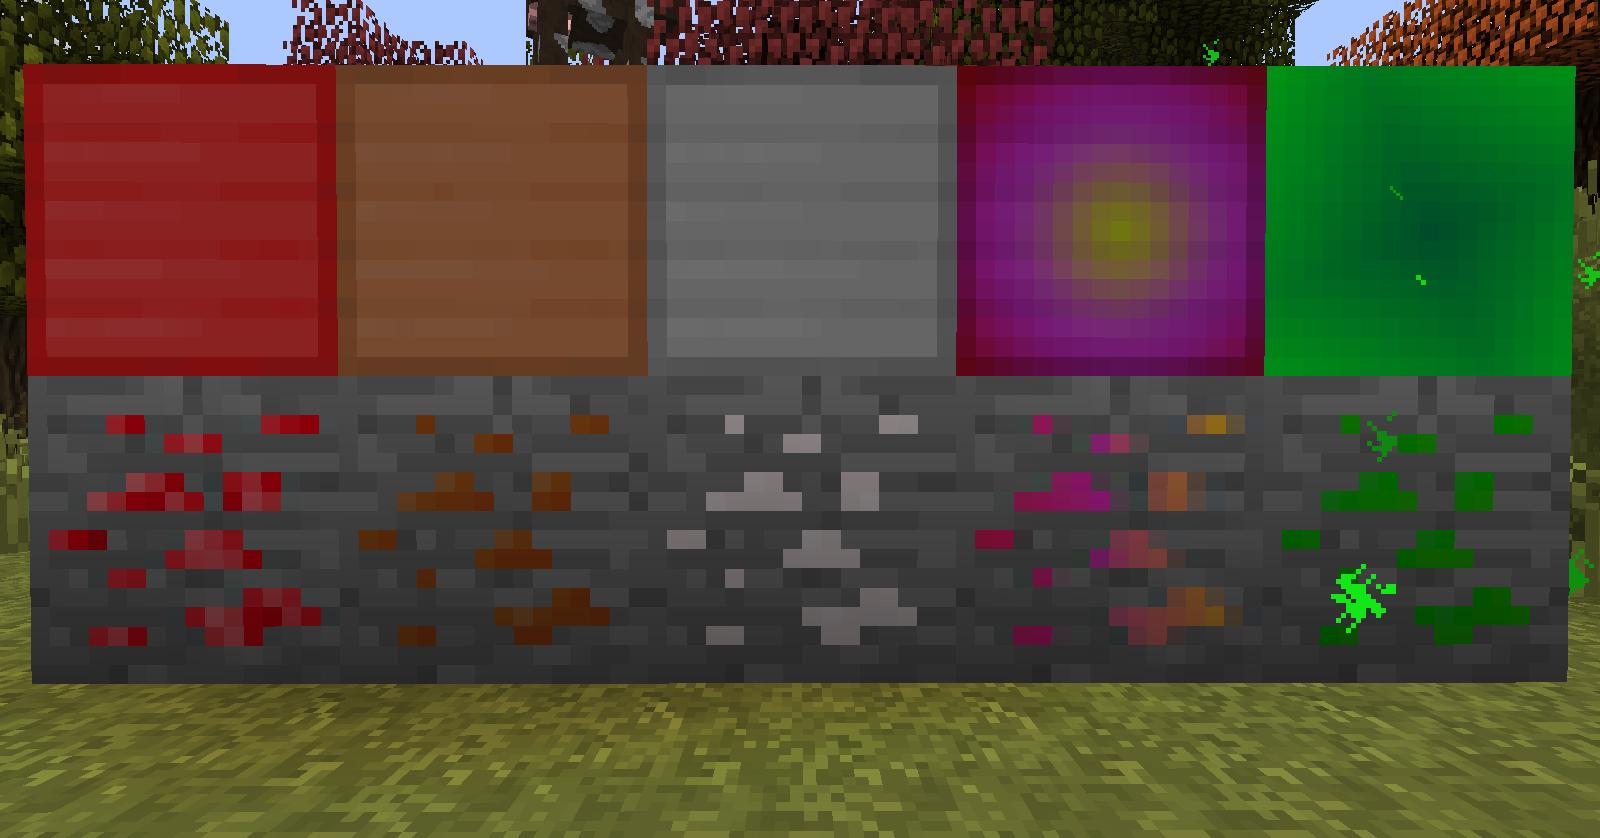 Скачать мод на новые предметы для Minecraft PE 0.13.1